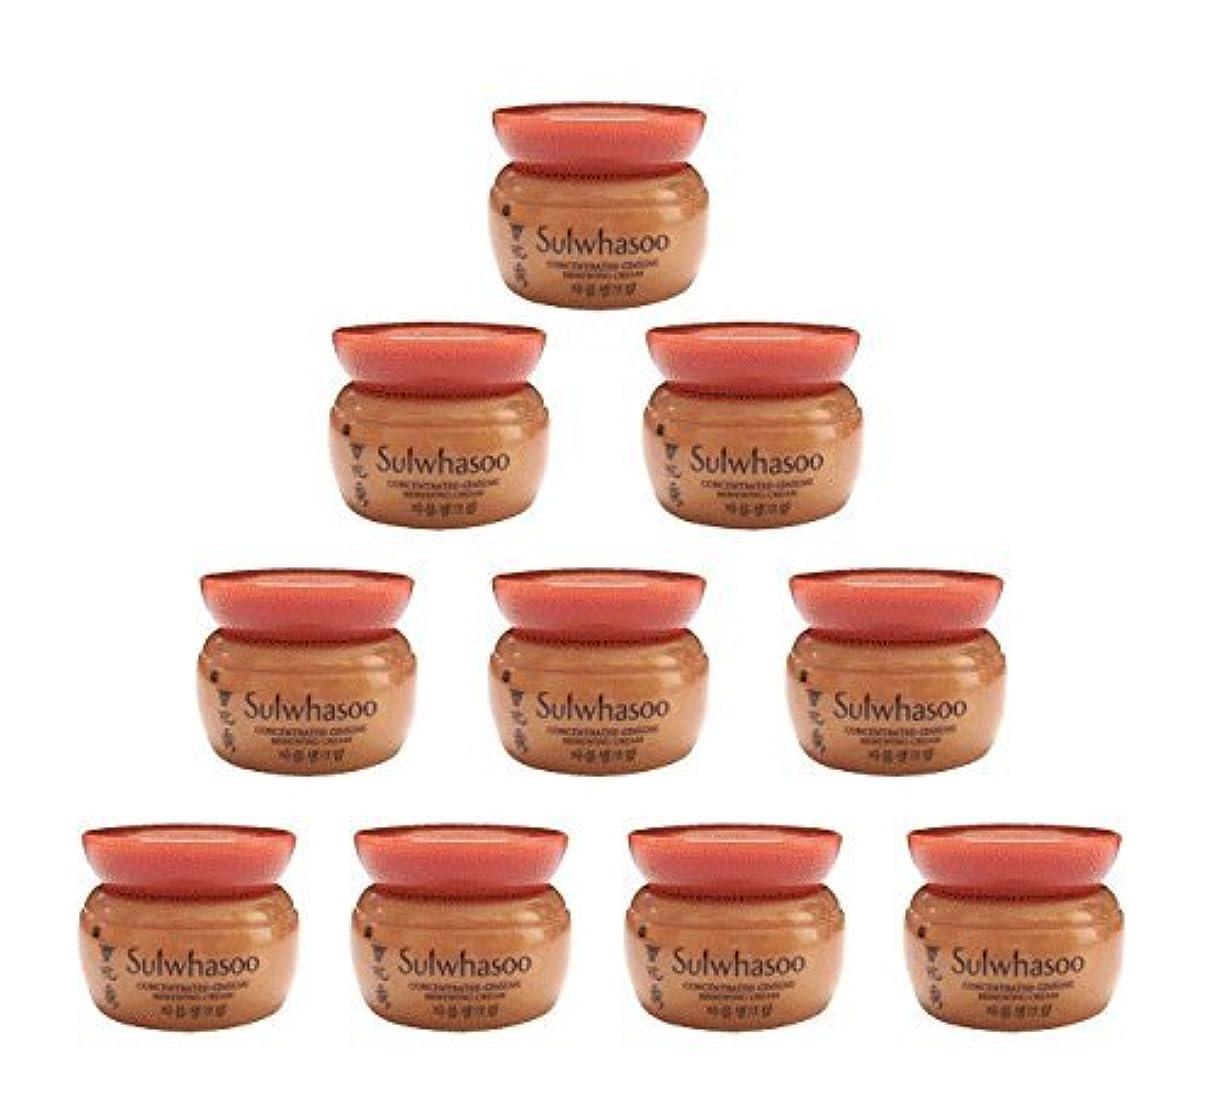 想像力排除ワット【ソルファス 雪花秀 Sulwhasoo】 Concentrated Ginseng Renewing Cream(50ml) 5ml x 10個 韓国化粧品 ブランドのサンプル [並行輸入品]